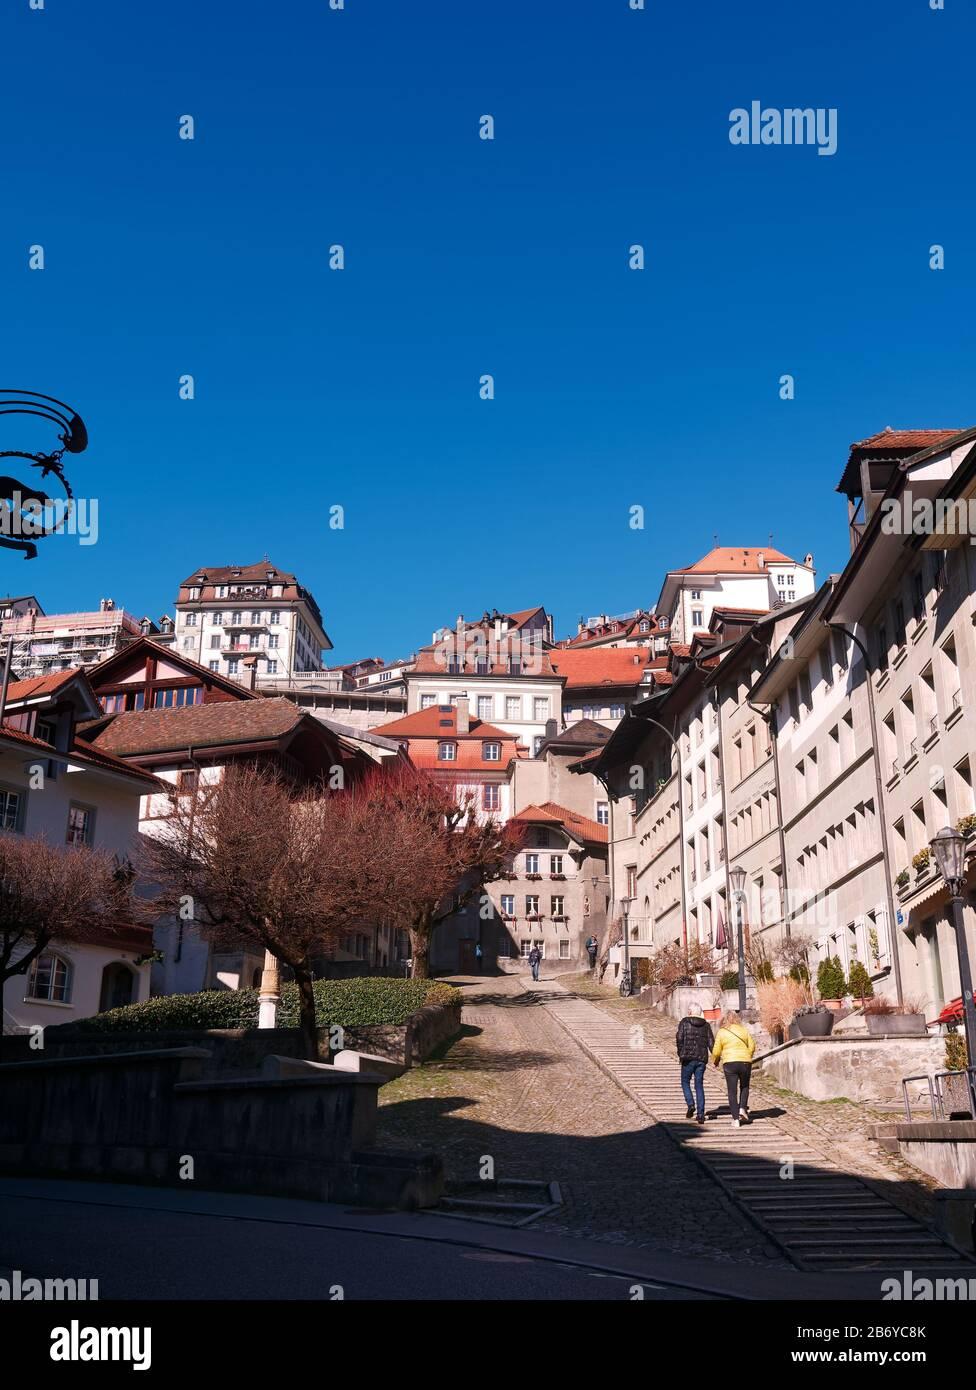 Vista del Escalier du Court-Chemin en el casco antiguo de Friburgo, Suiza. Foto de stock